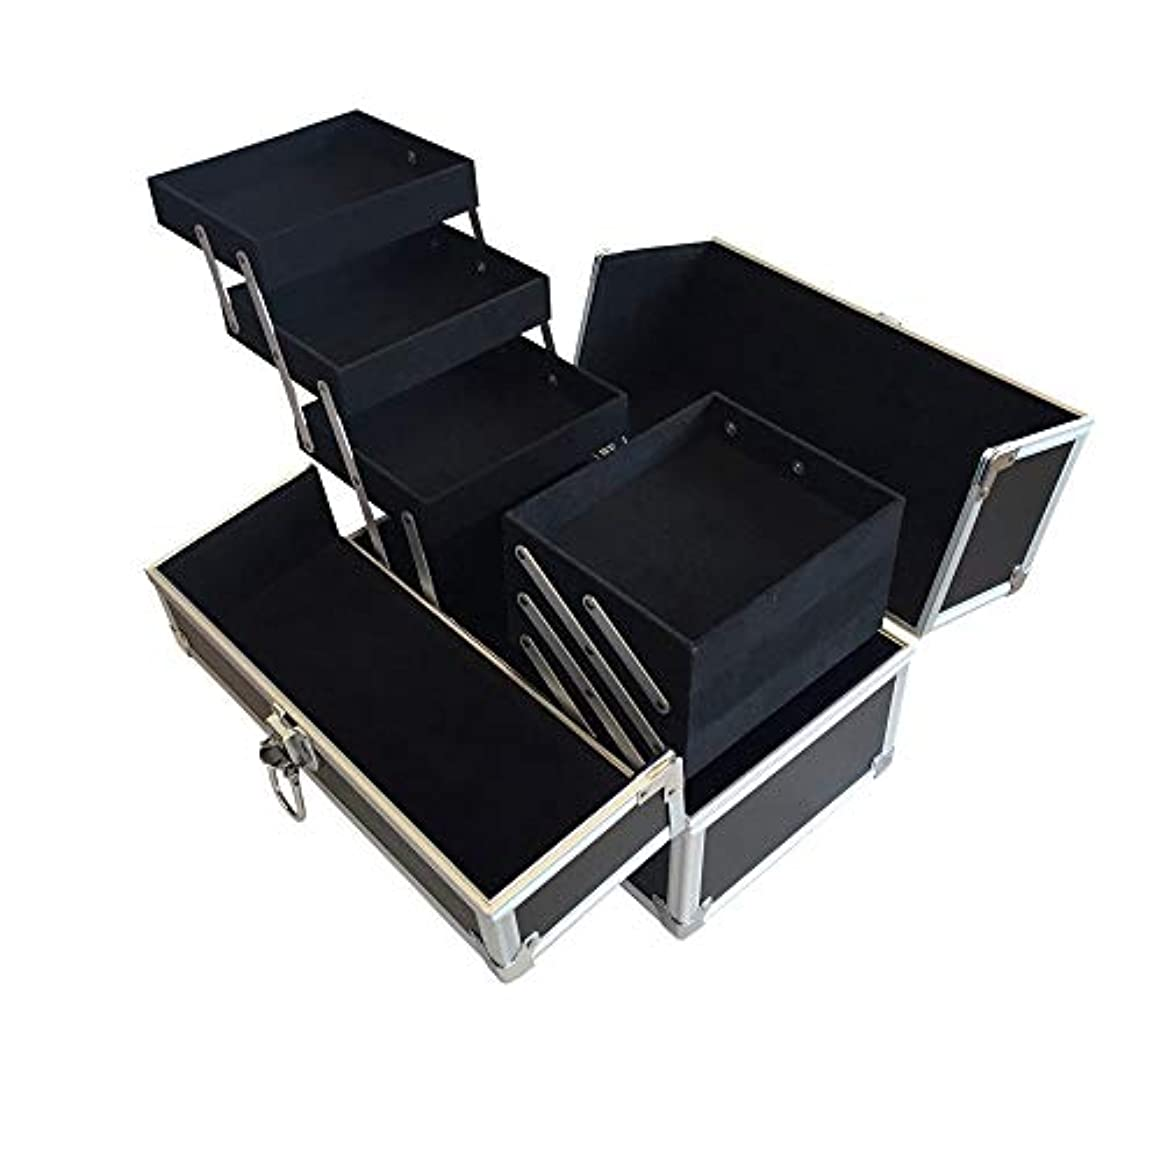 後方番号絶縁するリライアブル コスメボックス RB001-BK 鍵付き プロ仕様 メイクボックス 大容量 化粧品収納 小物入れ 6段トレー ベロア メイクケース コスメBOX 持ち運び ネイルケース